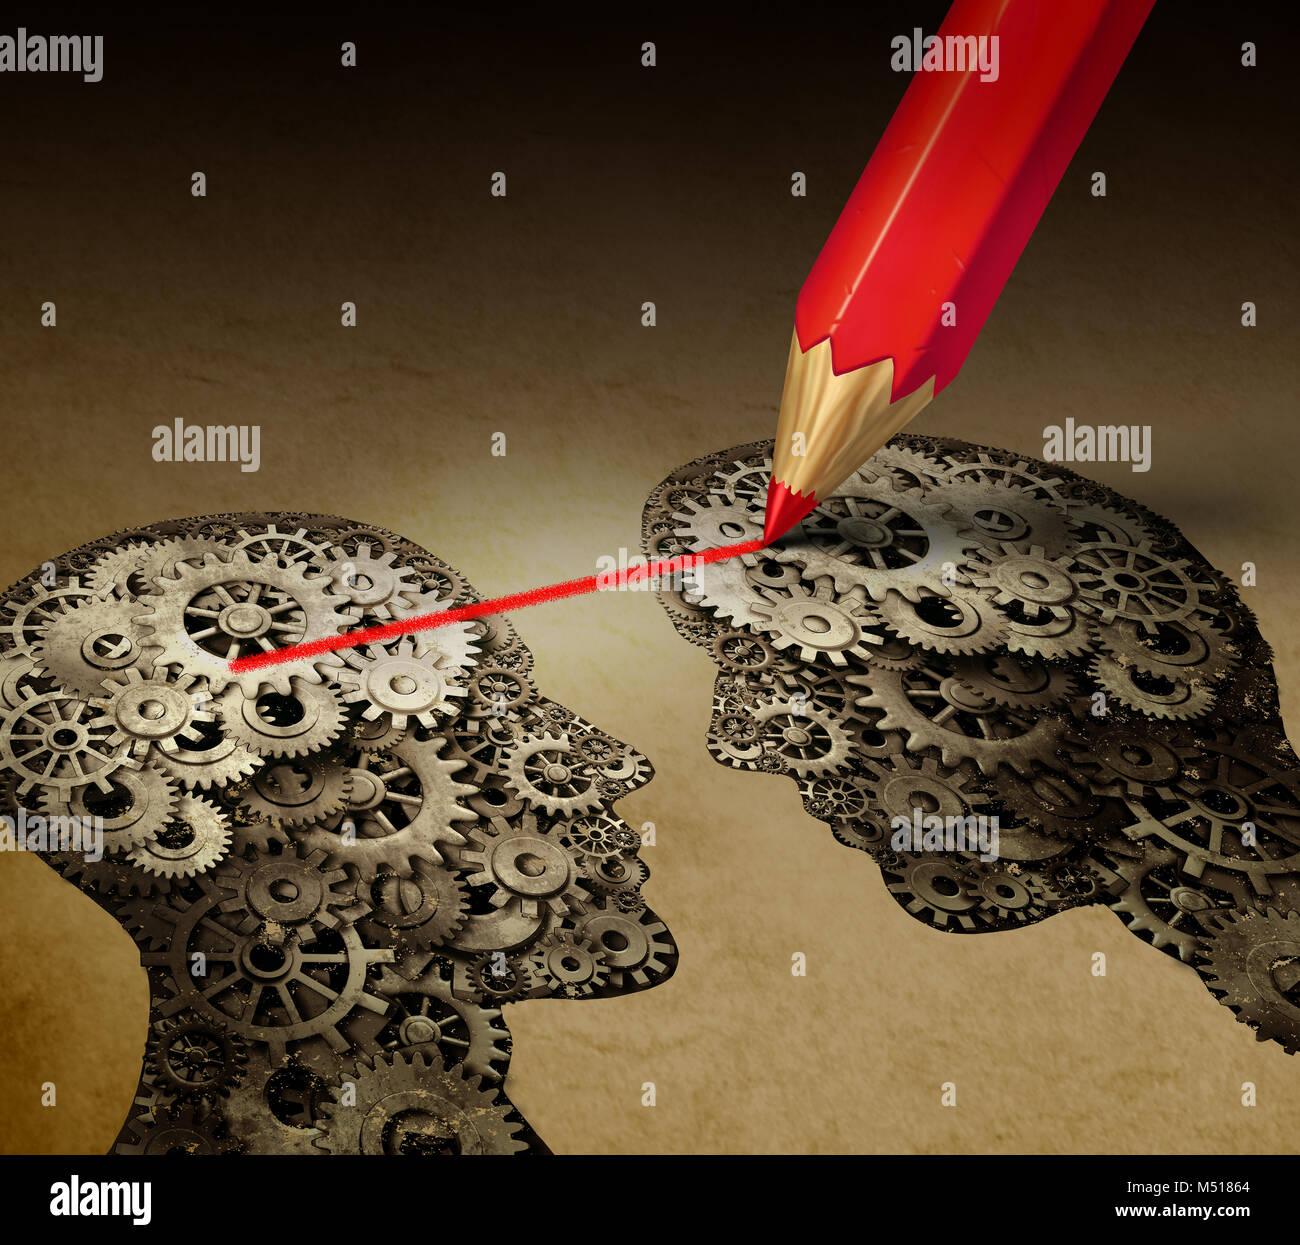 Cerebro telepatía y leer la mente psicología o concepto de conexión mental telepática como símbolos Imagen De Stock